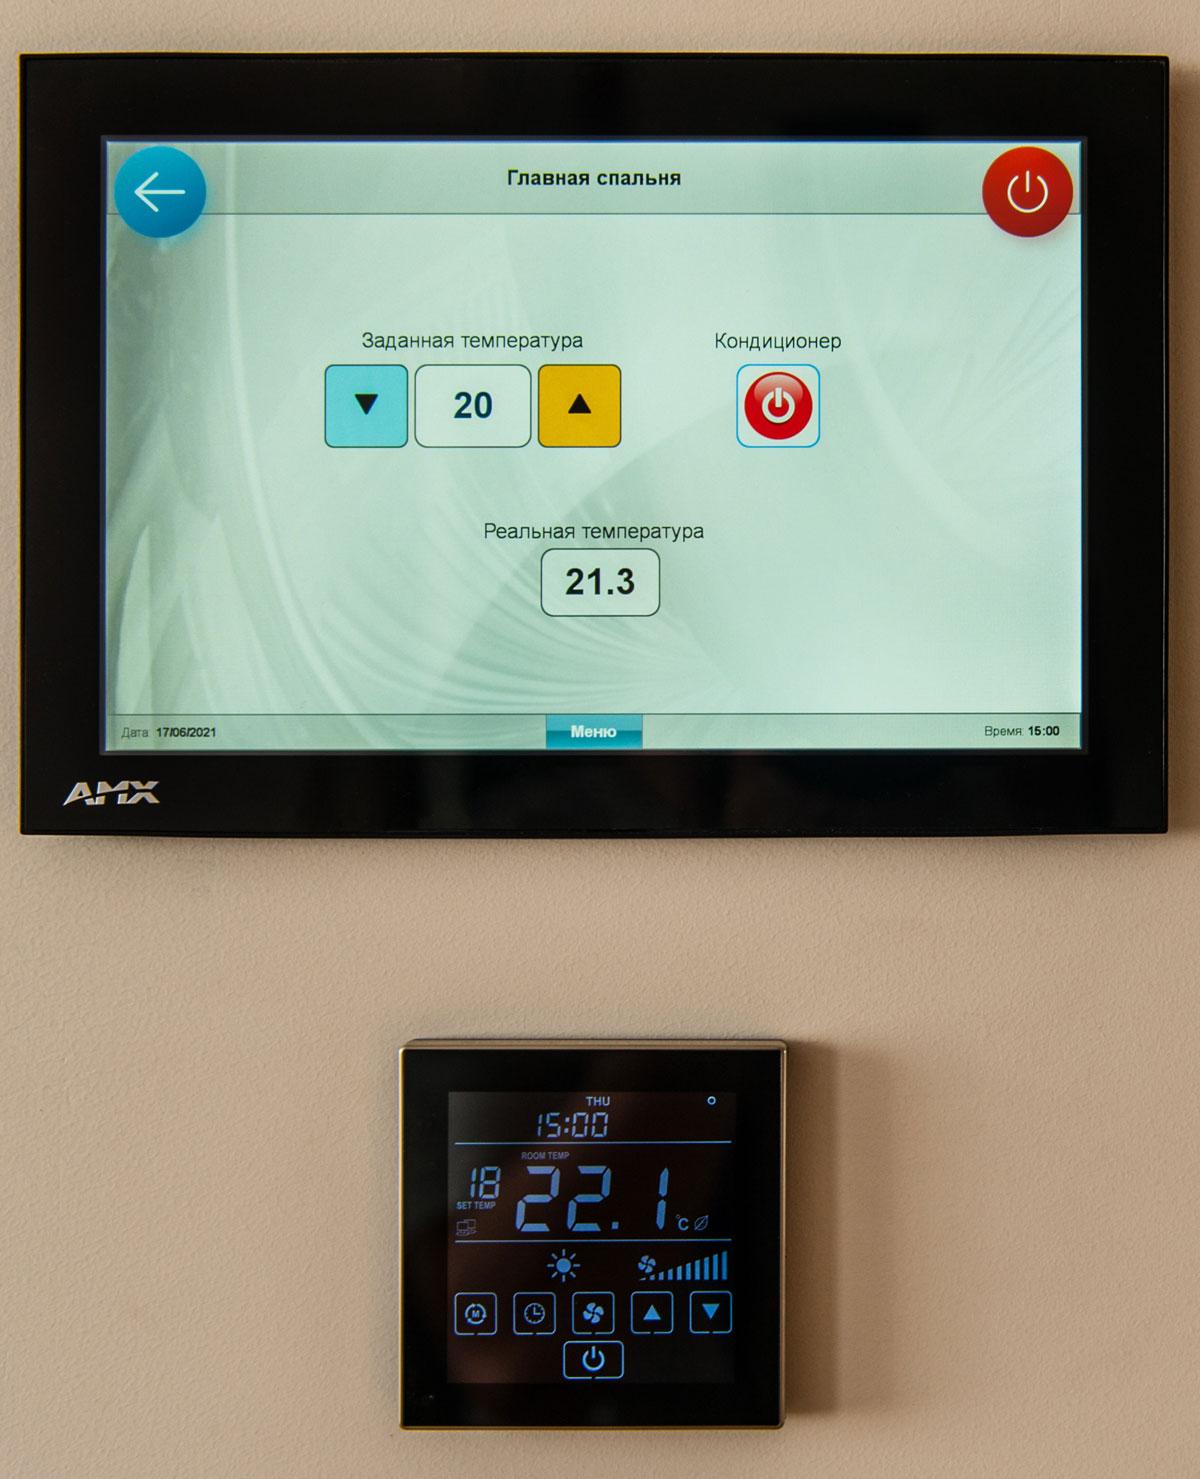 Сенсорная панель управления AMX и термостат Thermokon